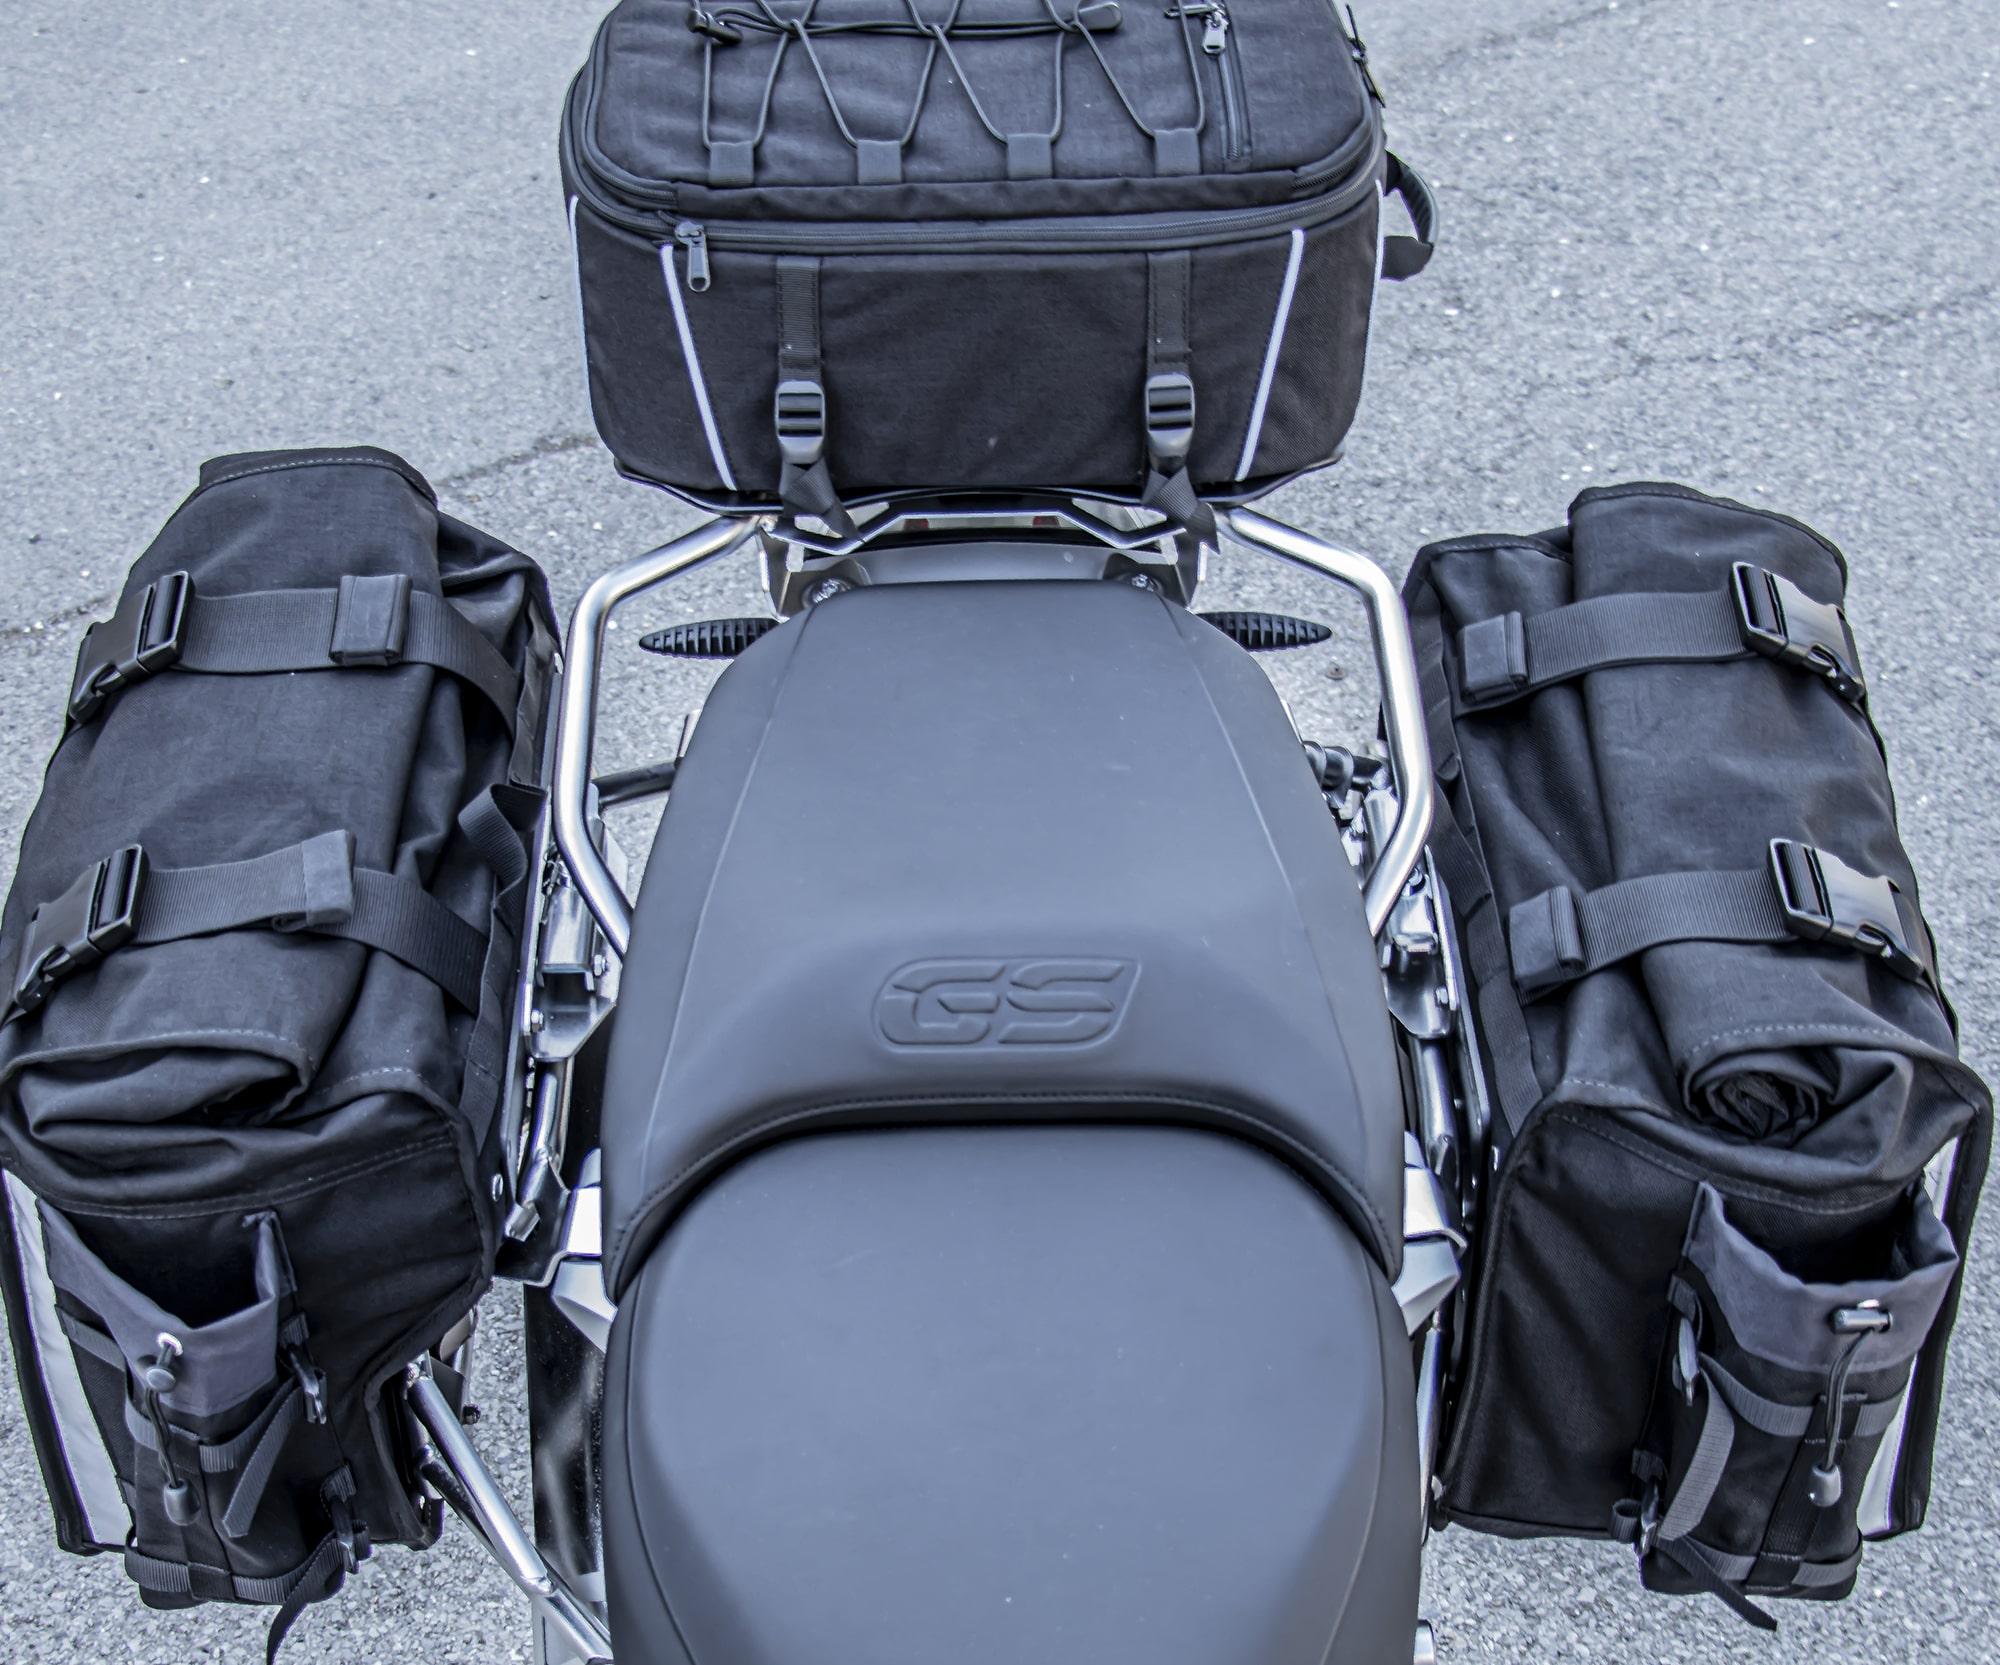 Xtremada soft panniers  for Original BMW pannier racks of GSA LC